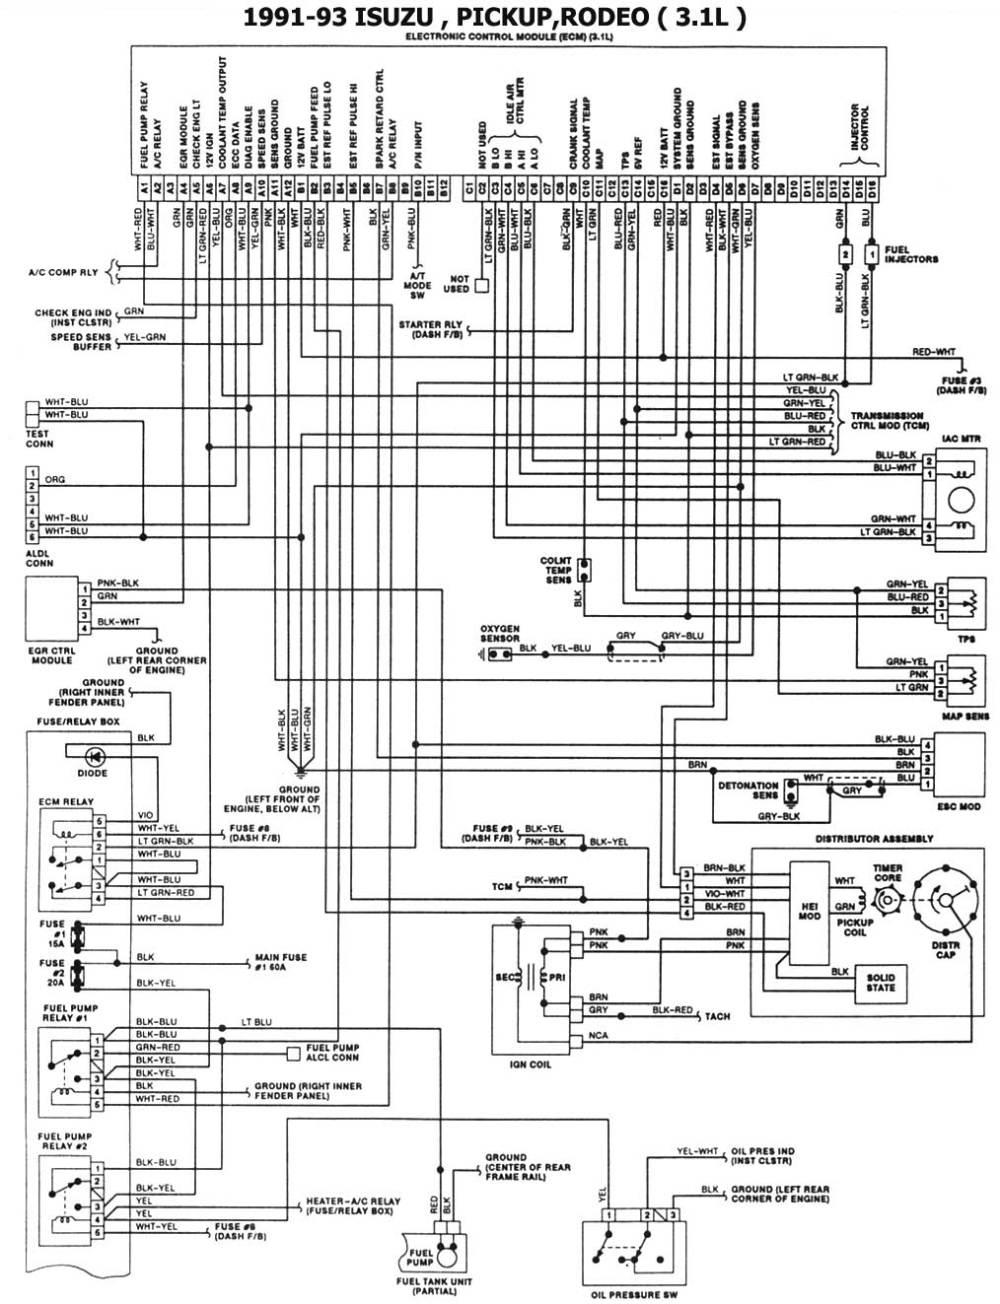 medium resolution of 1991 93 3 1l esquemas electricos rodeo